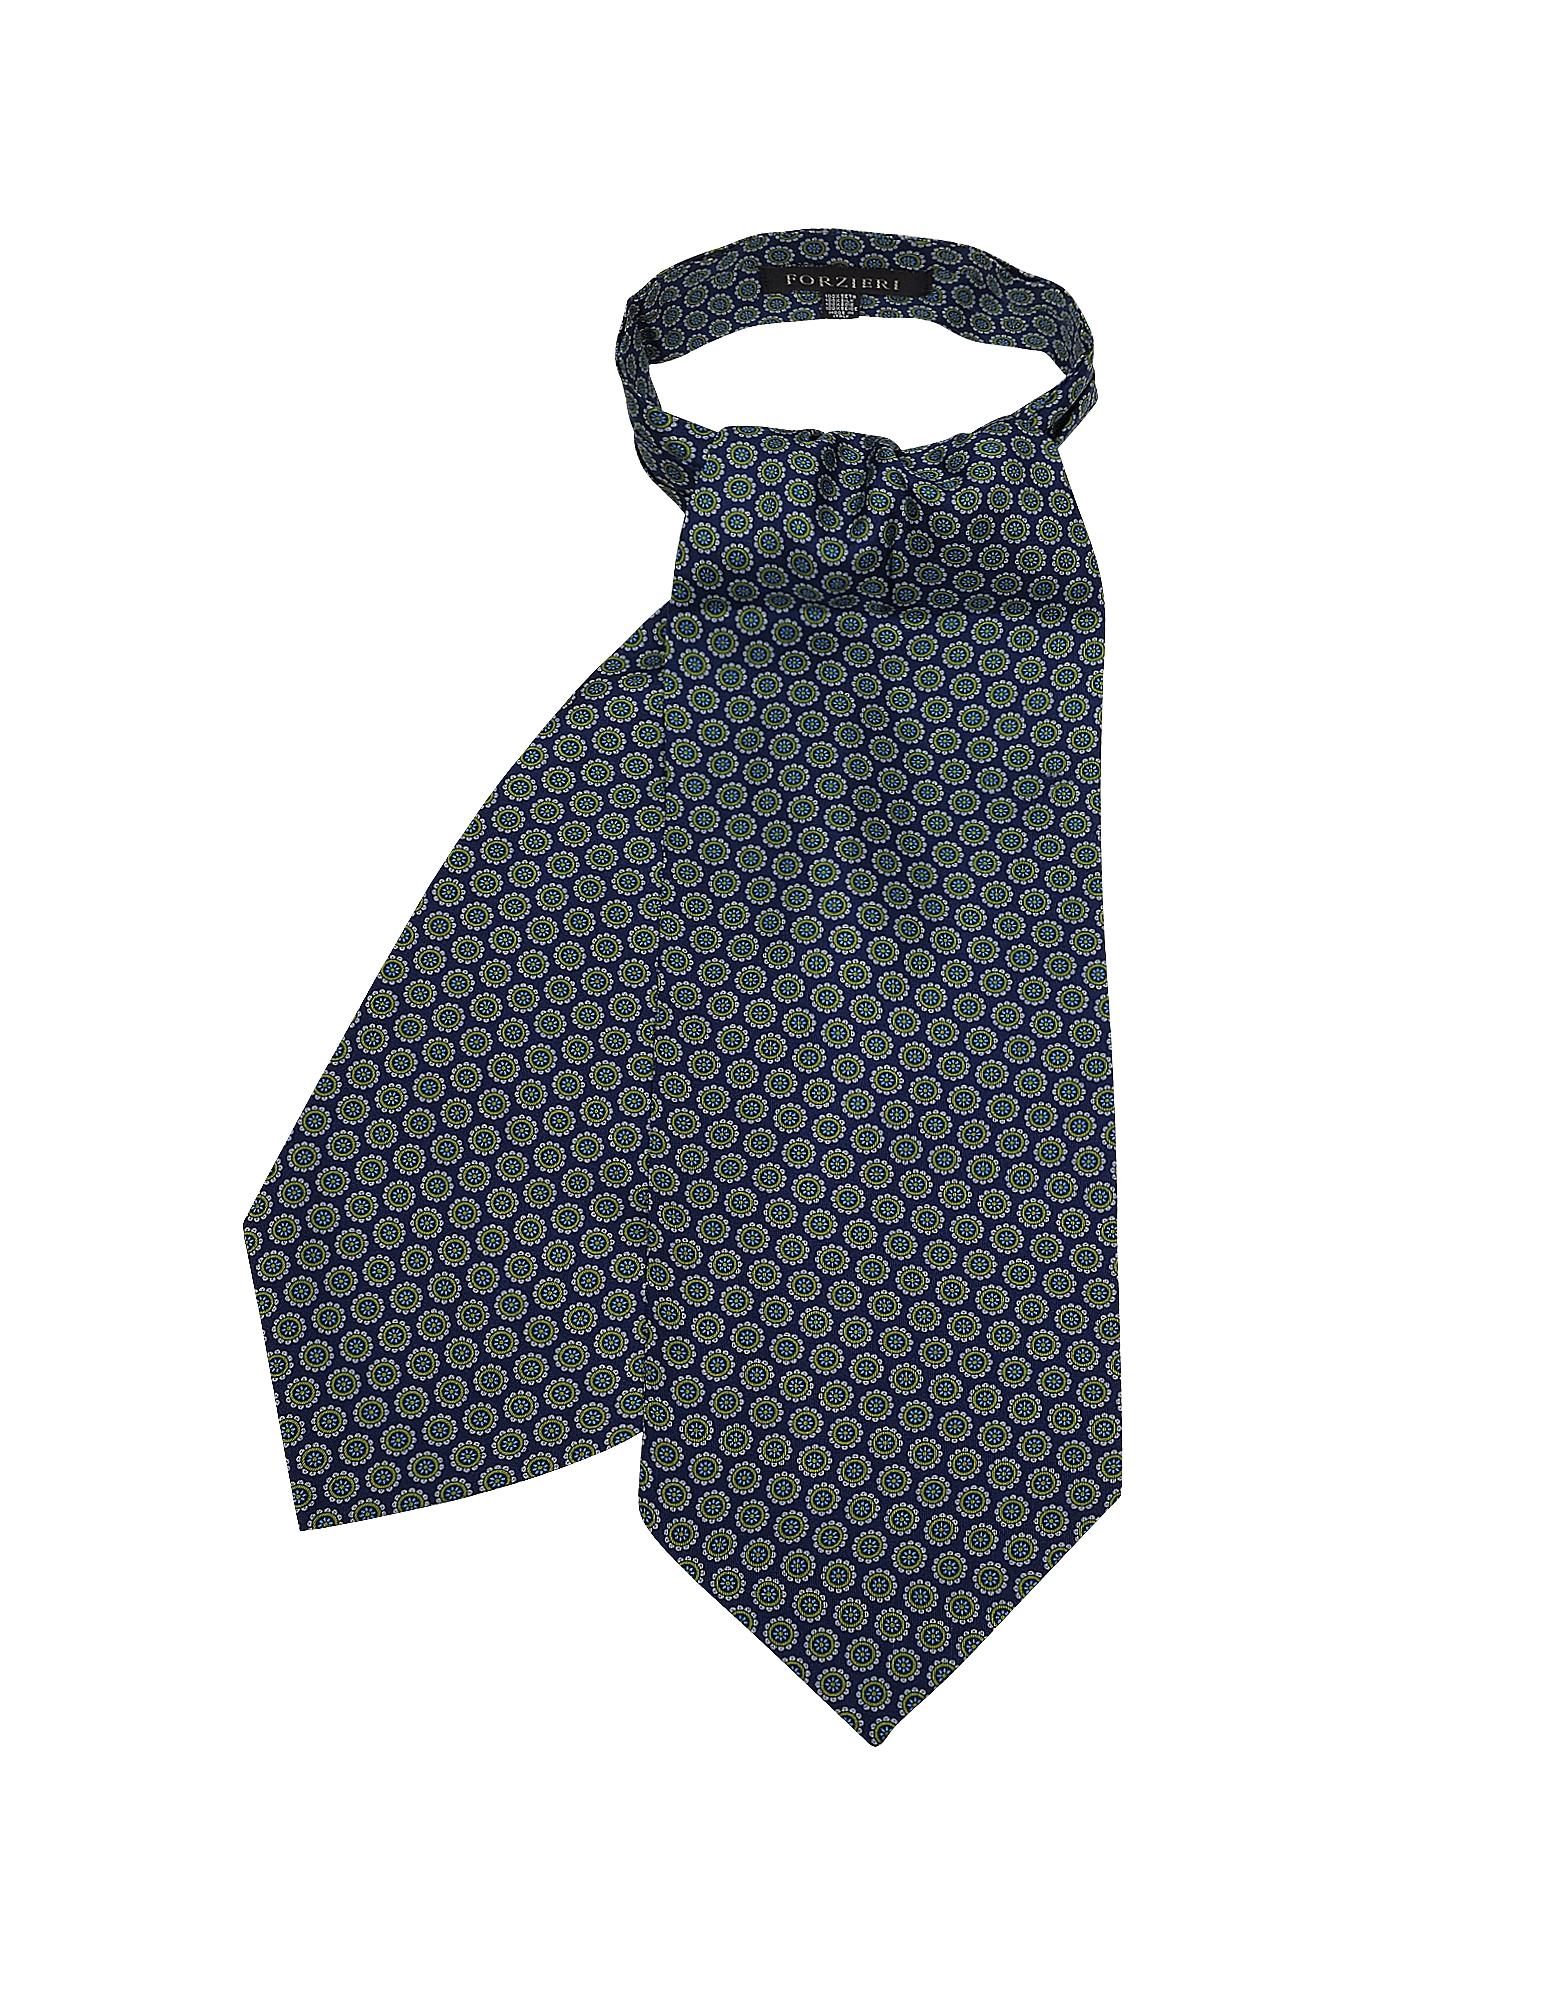 Daisy Imprimé En Sergé De Soie Cravate Ascot